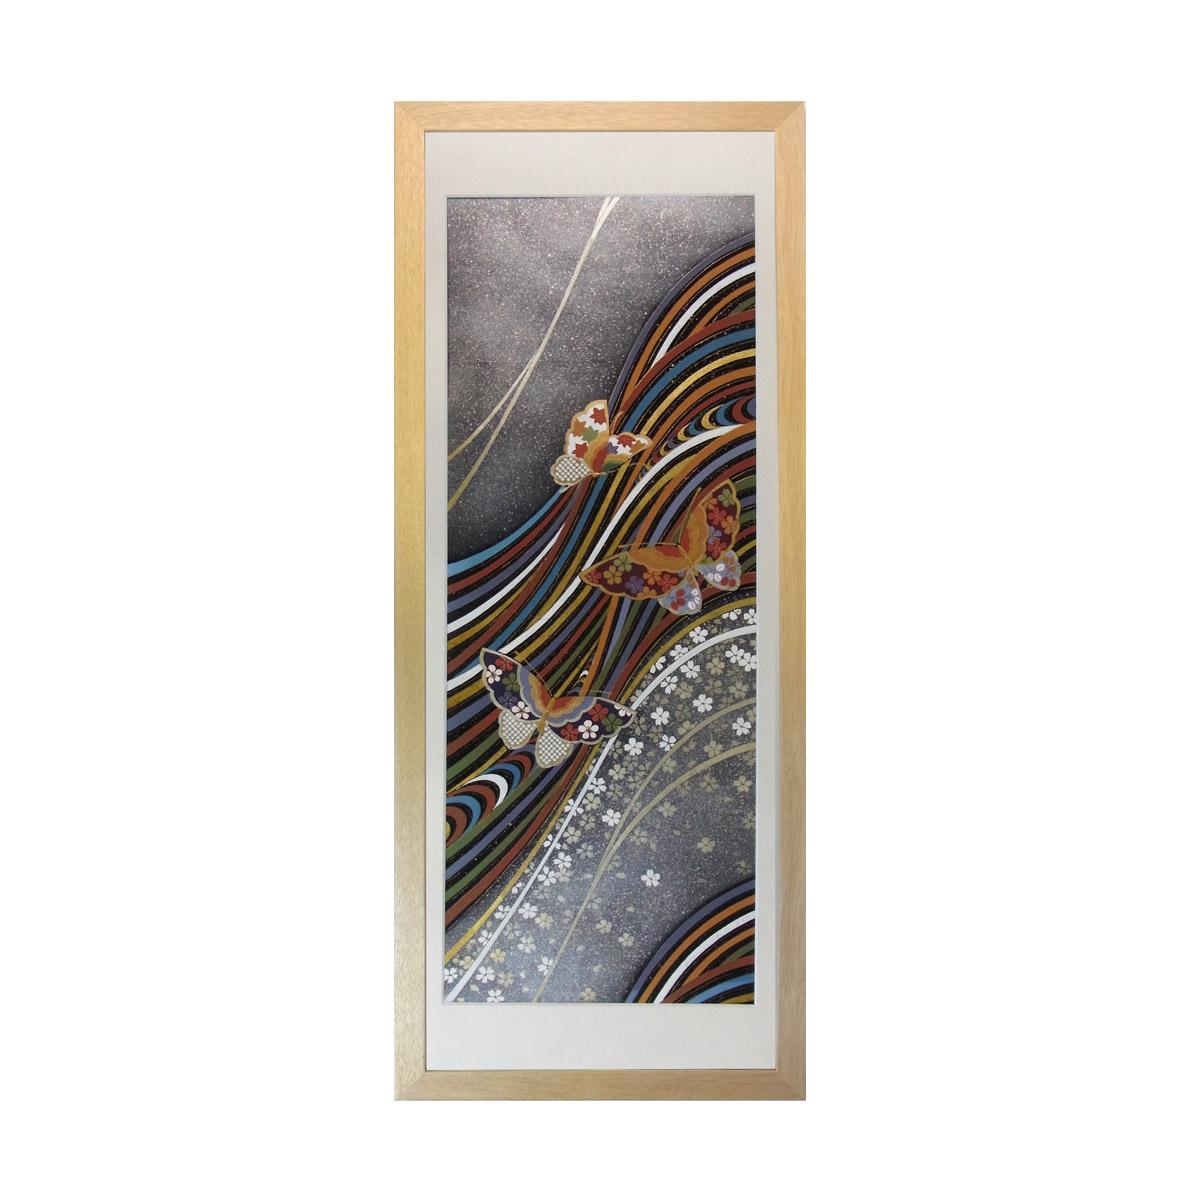 和風の額 壁掛インテリア 西陣織帯原画のアートフレーム 《32》